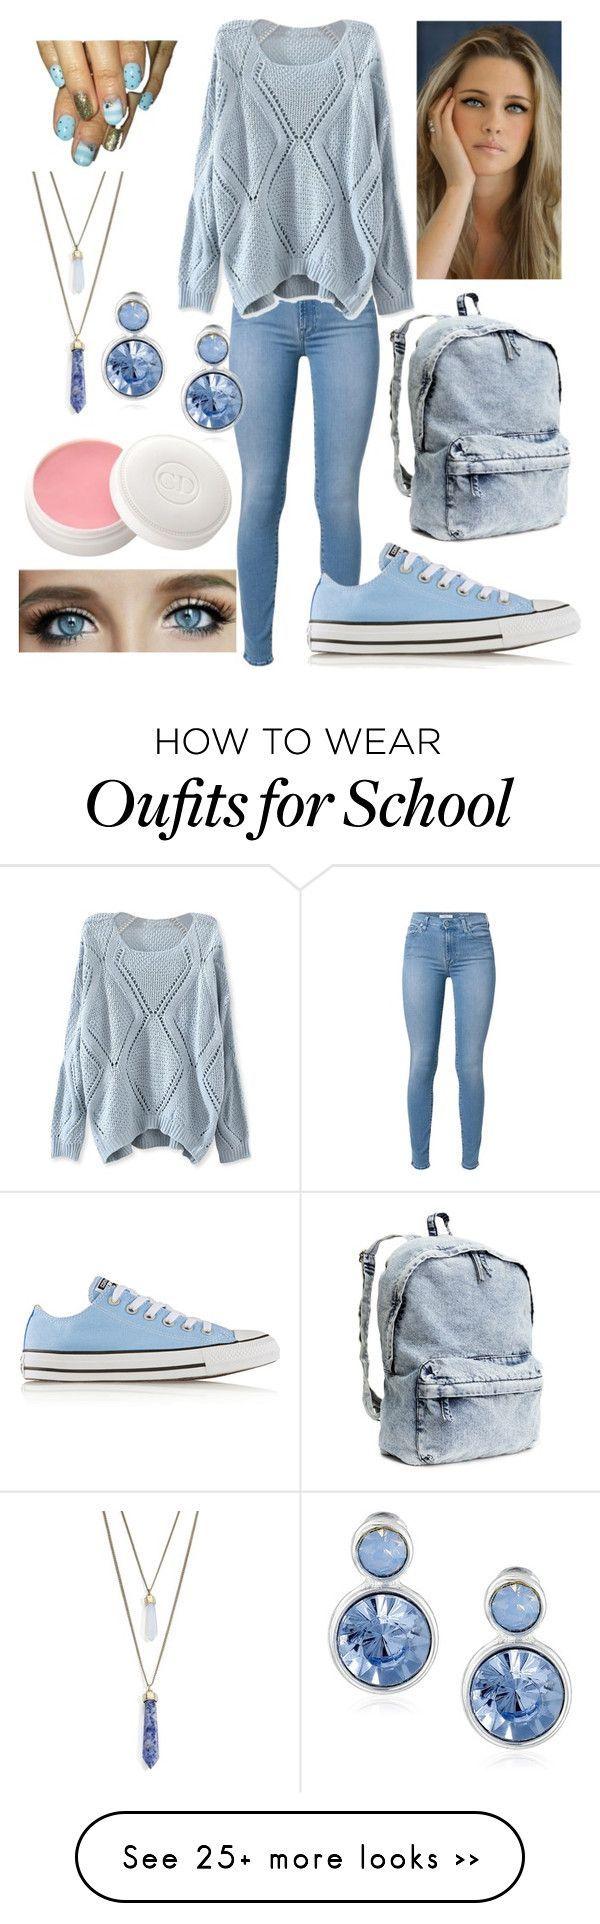 sneakers, handtas (rugzak), macara, ketting, nagellak, gescheurde broek, trui, oorbellen, foundation